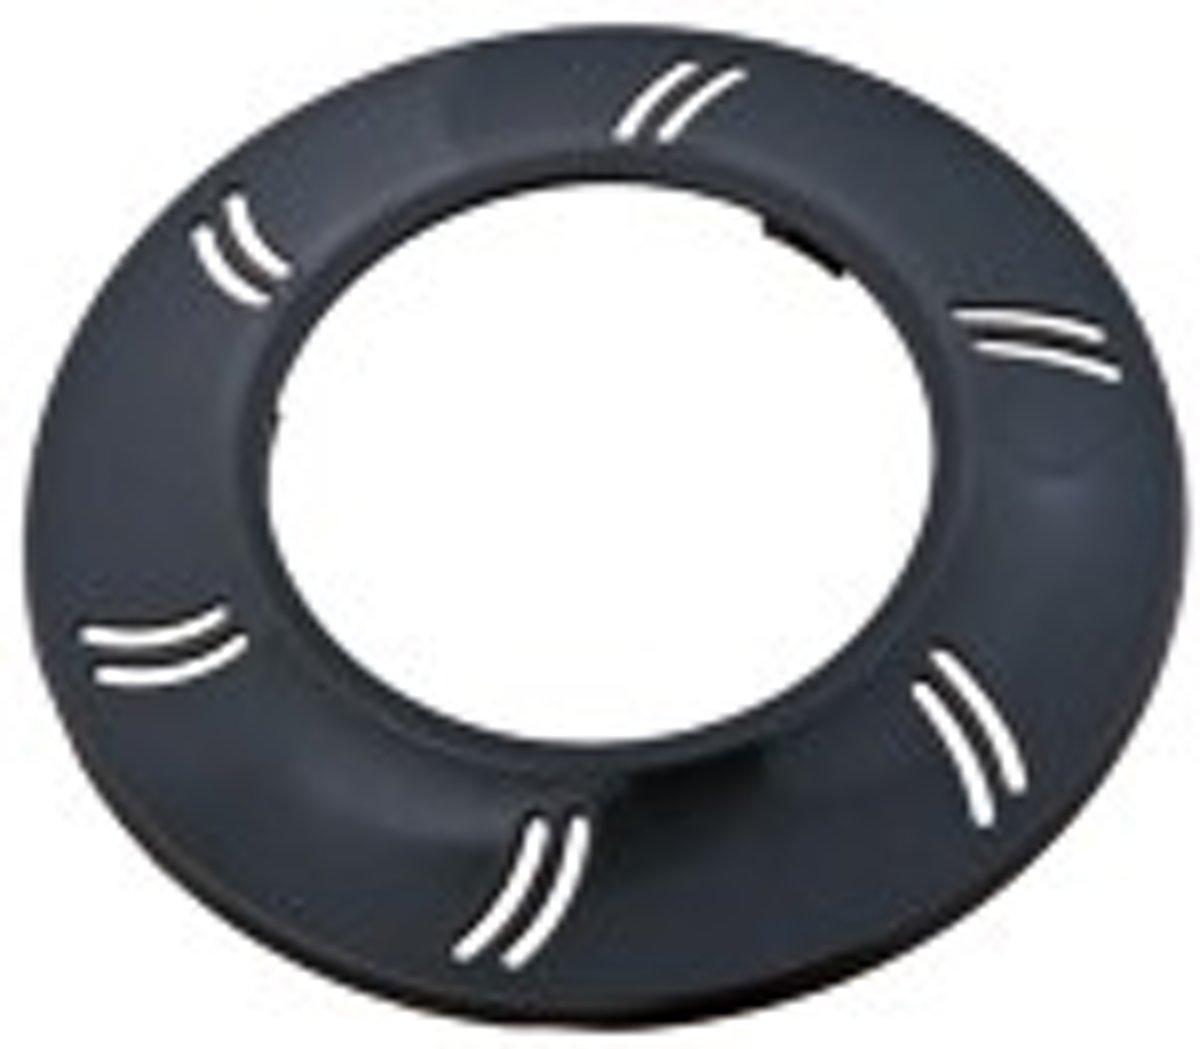 Zwarte front ring voor afdekking PLA100 lamp